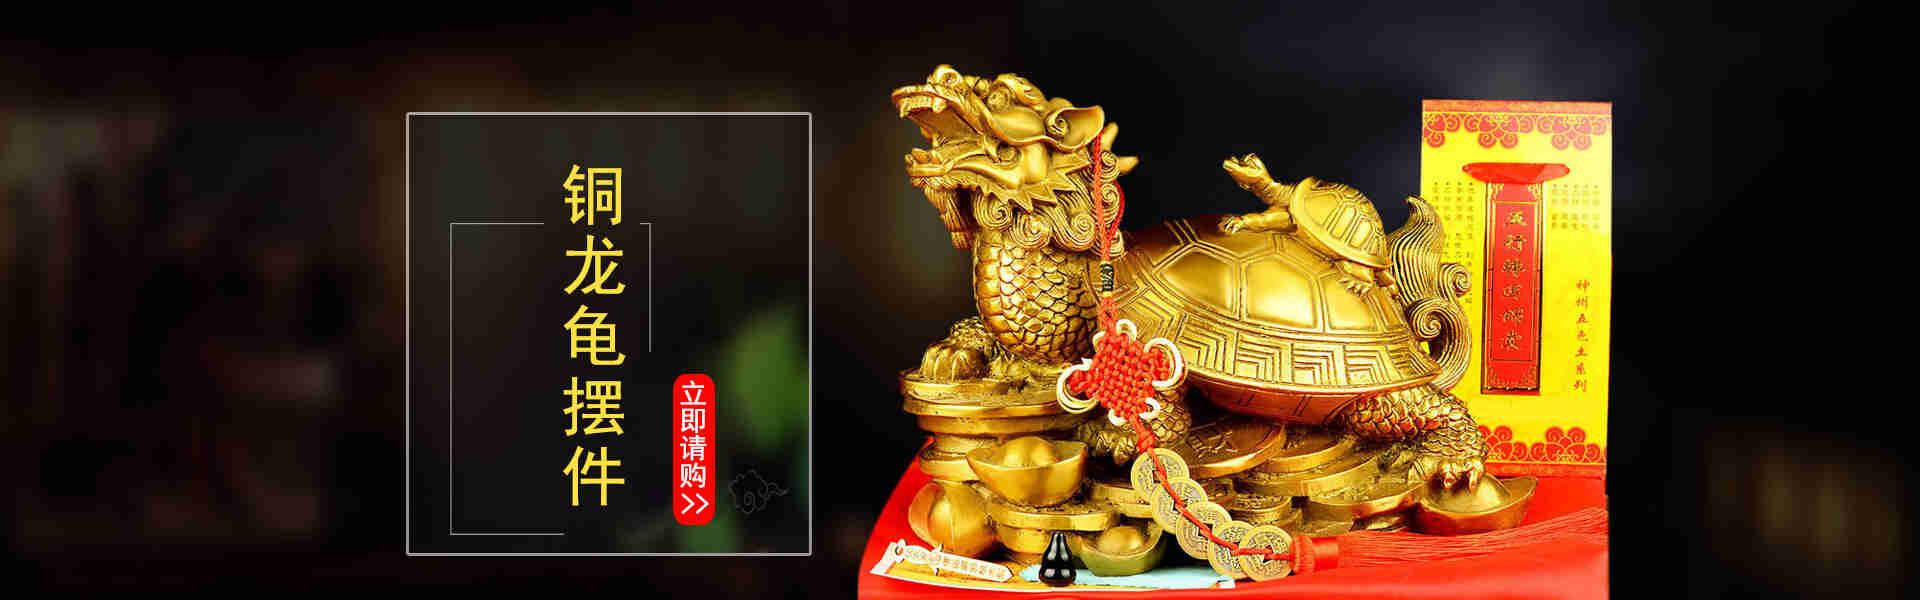 非主流相册名称大全_道教用品 七星剑